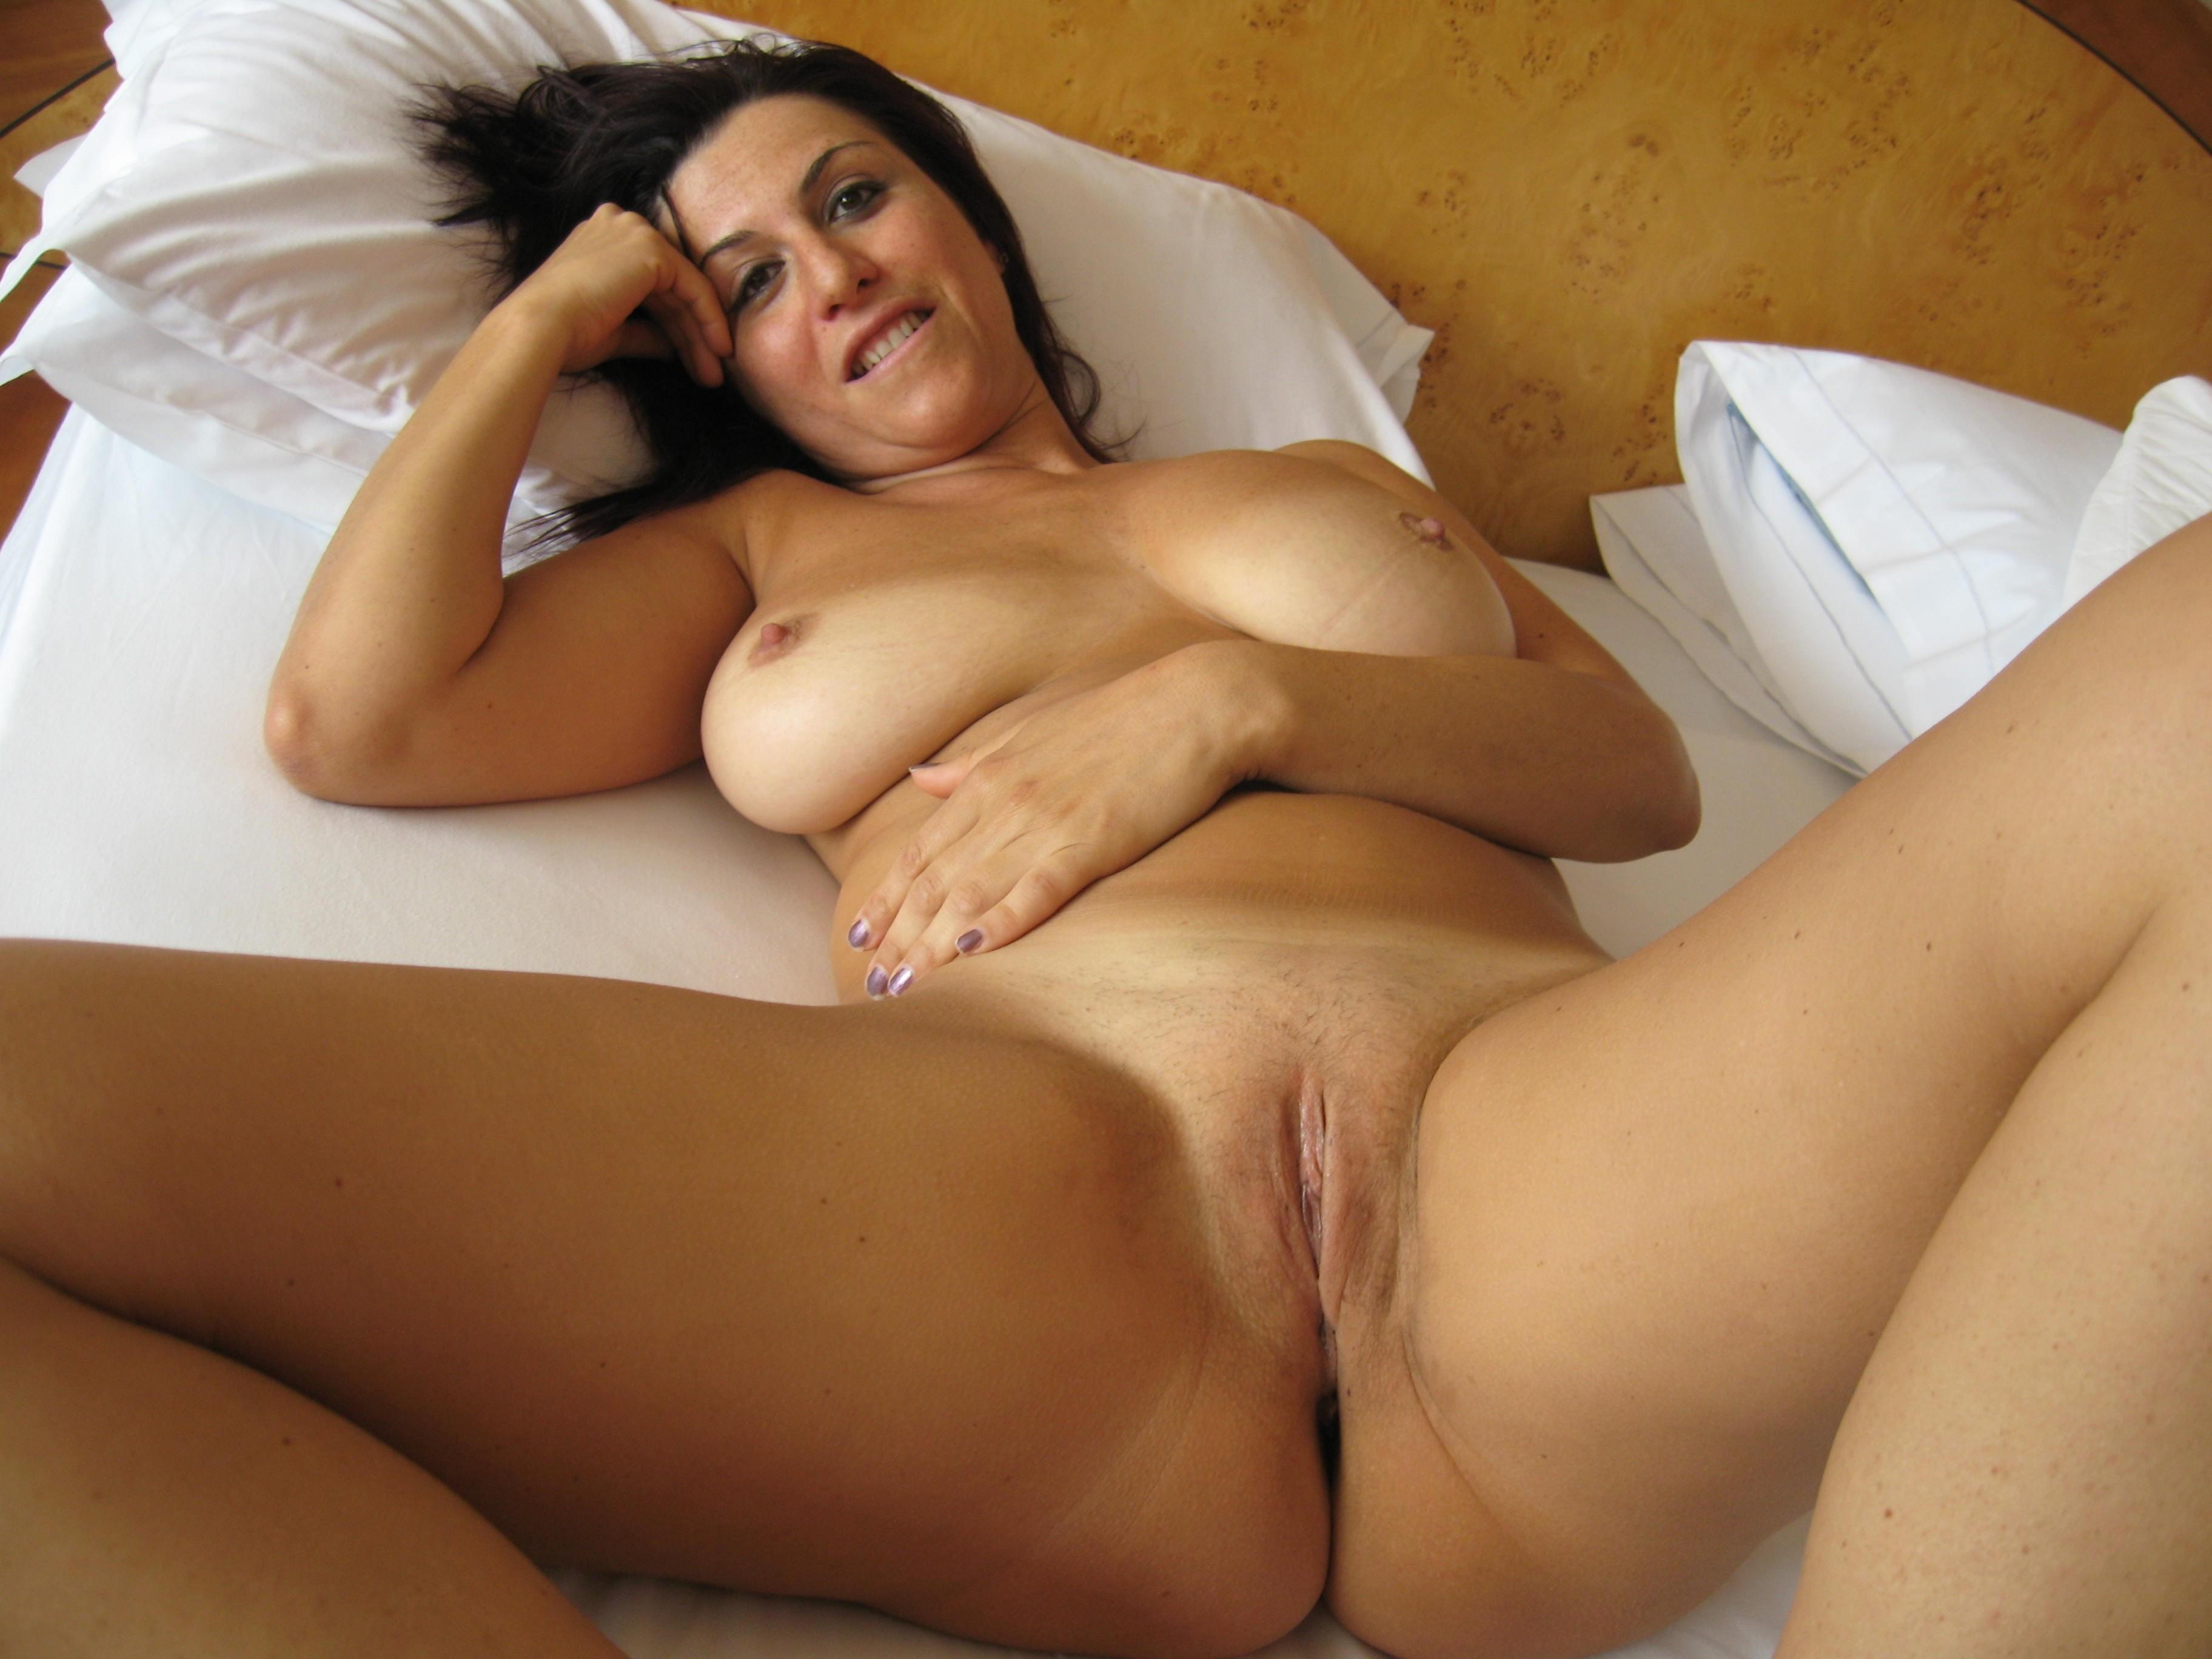 Подборка взрослых женщин голышом дома 19 фото